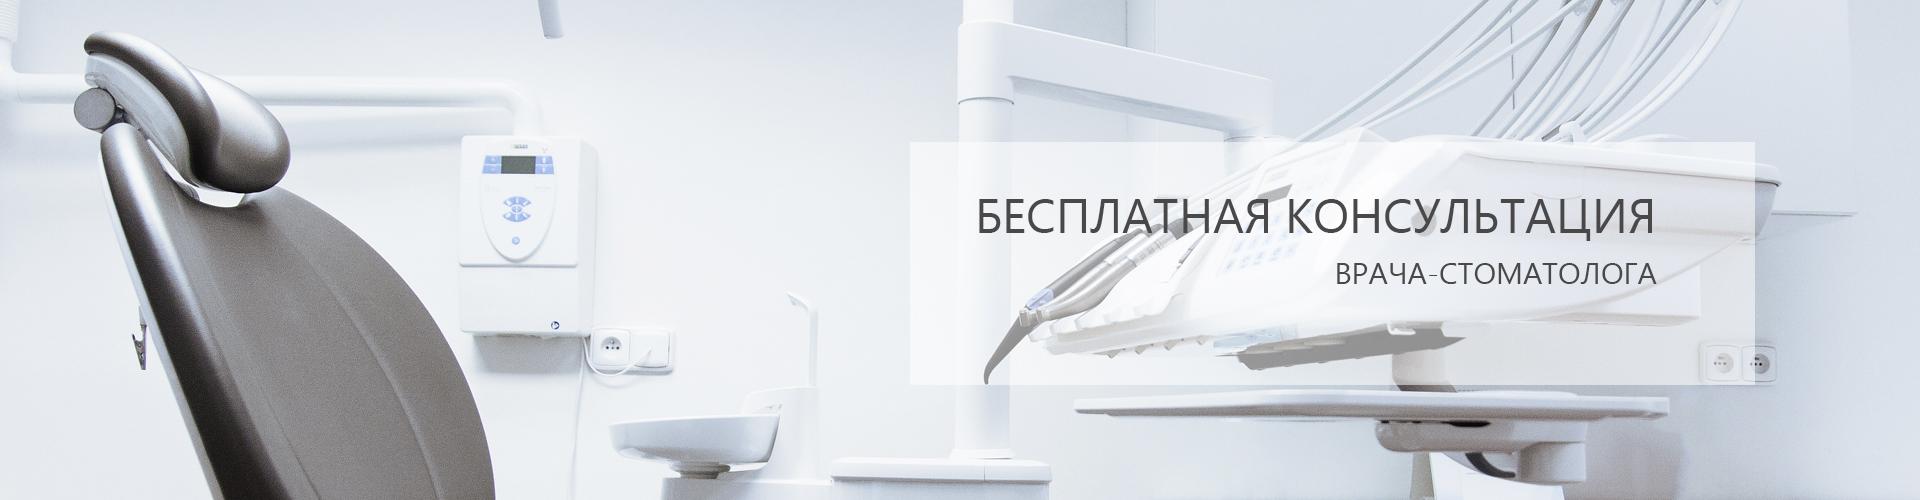 Бесплатная консультация врача-стоматолога